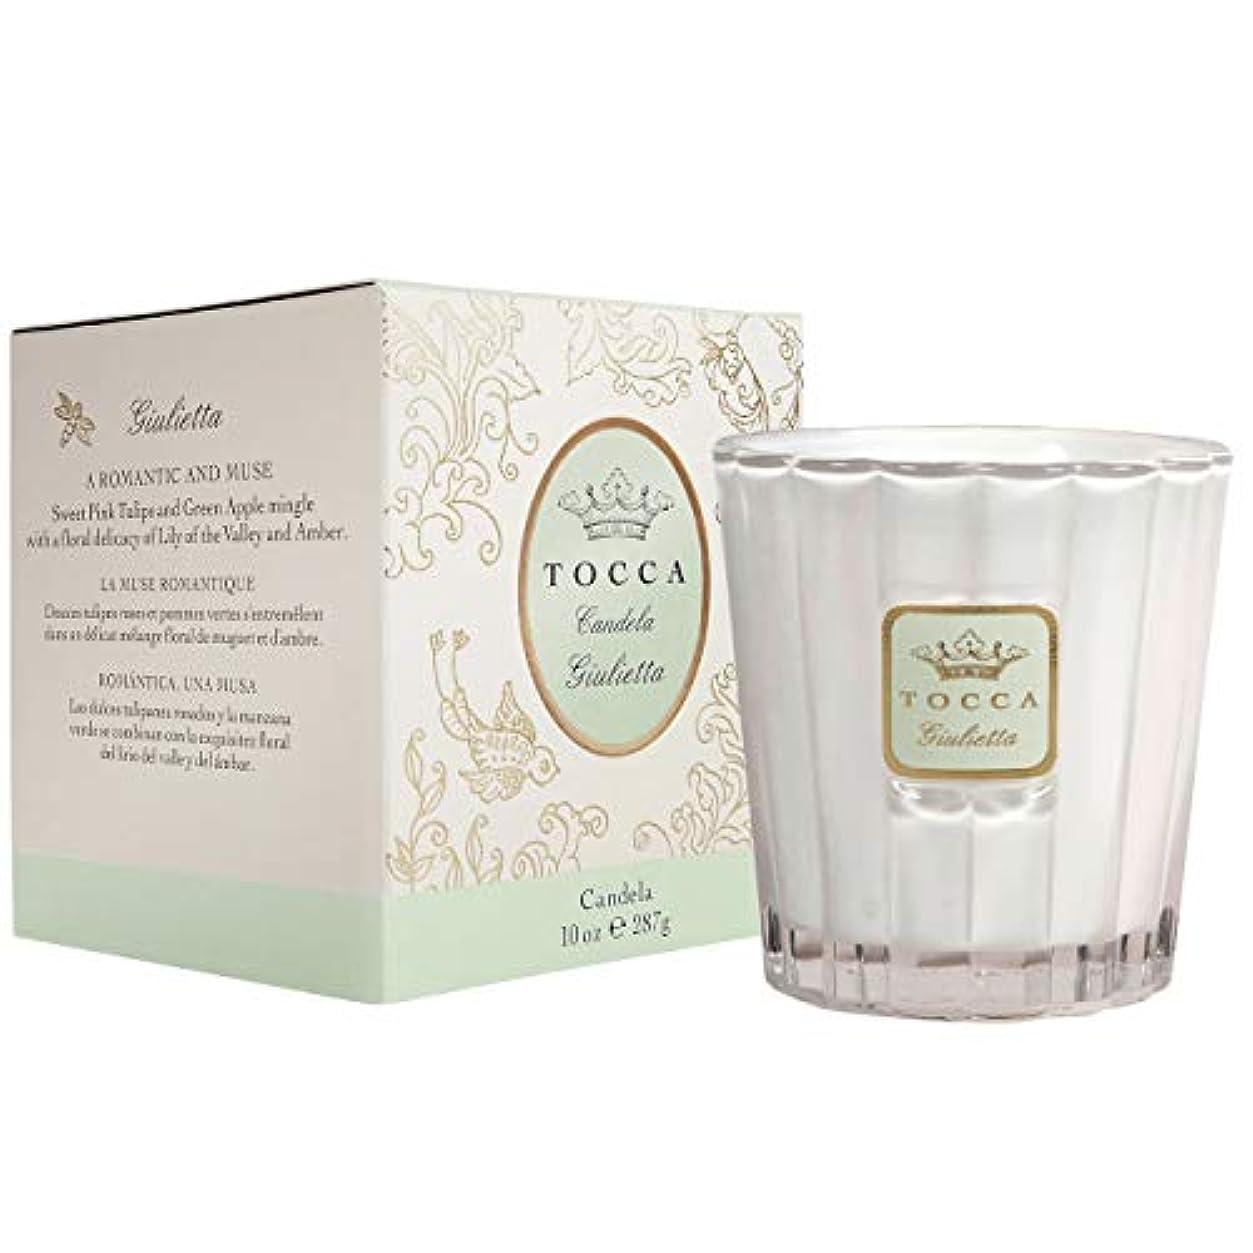 現れる同時正確トッカ(TOCCA) キャンドル ジュリエッタの香り 約287g (ろうそく 爽やかで甘い香り)